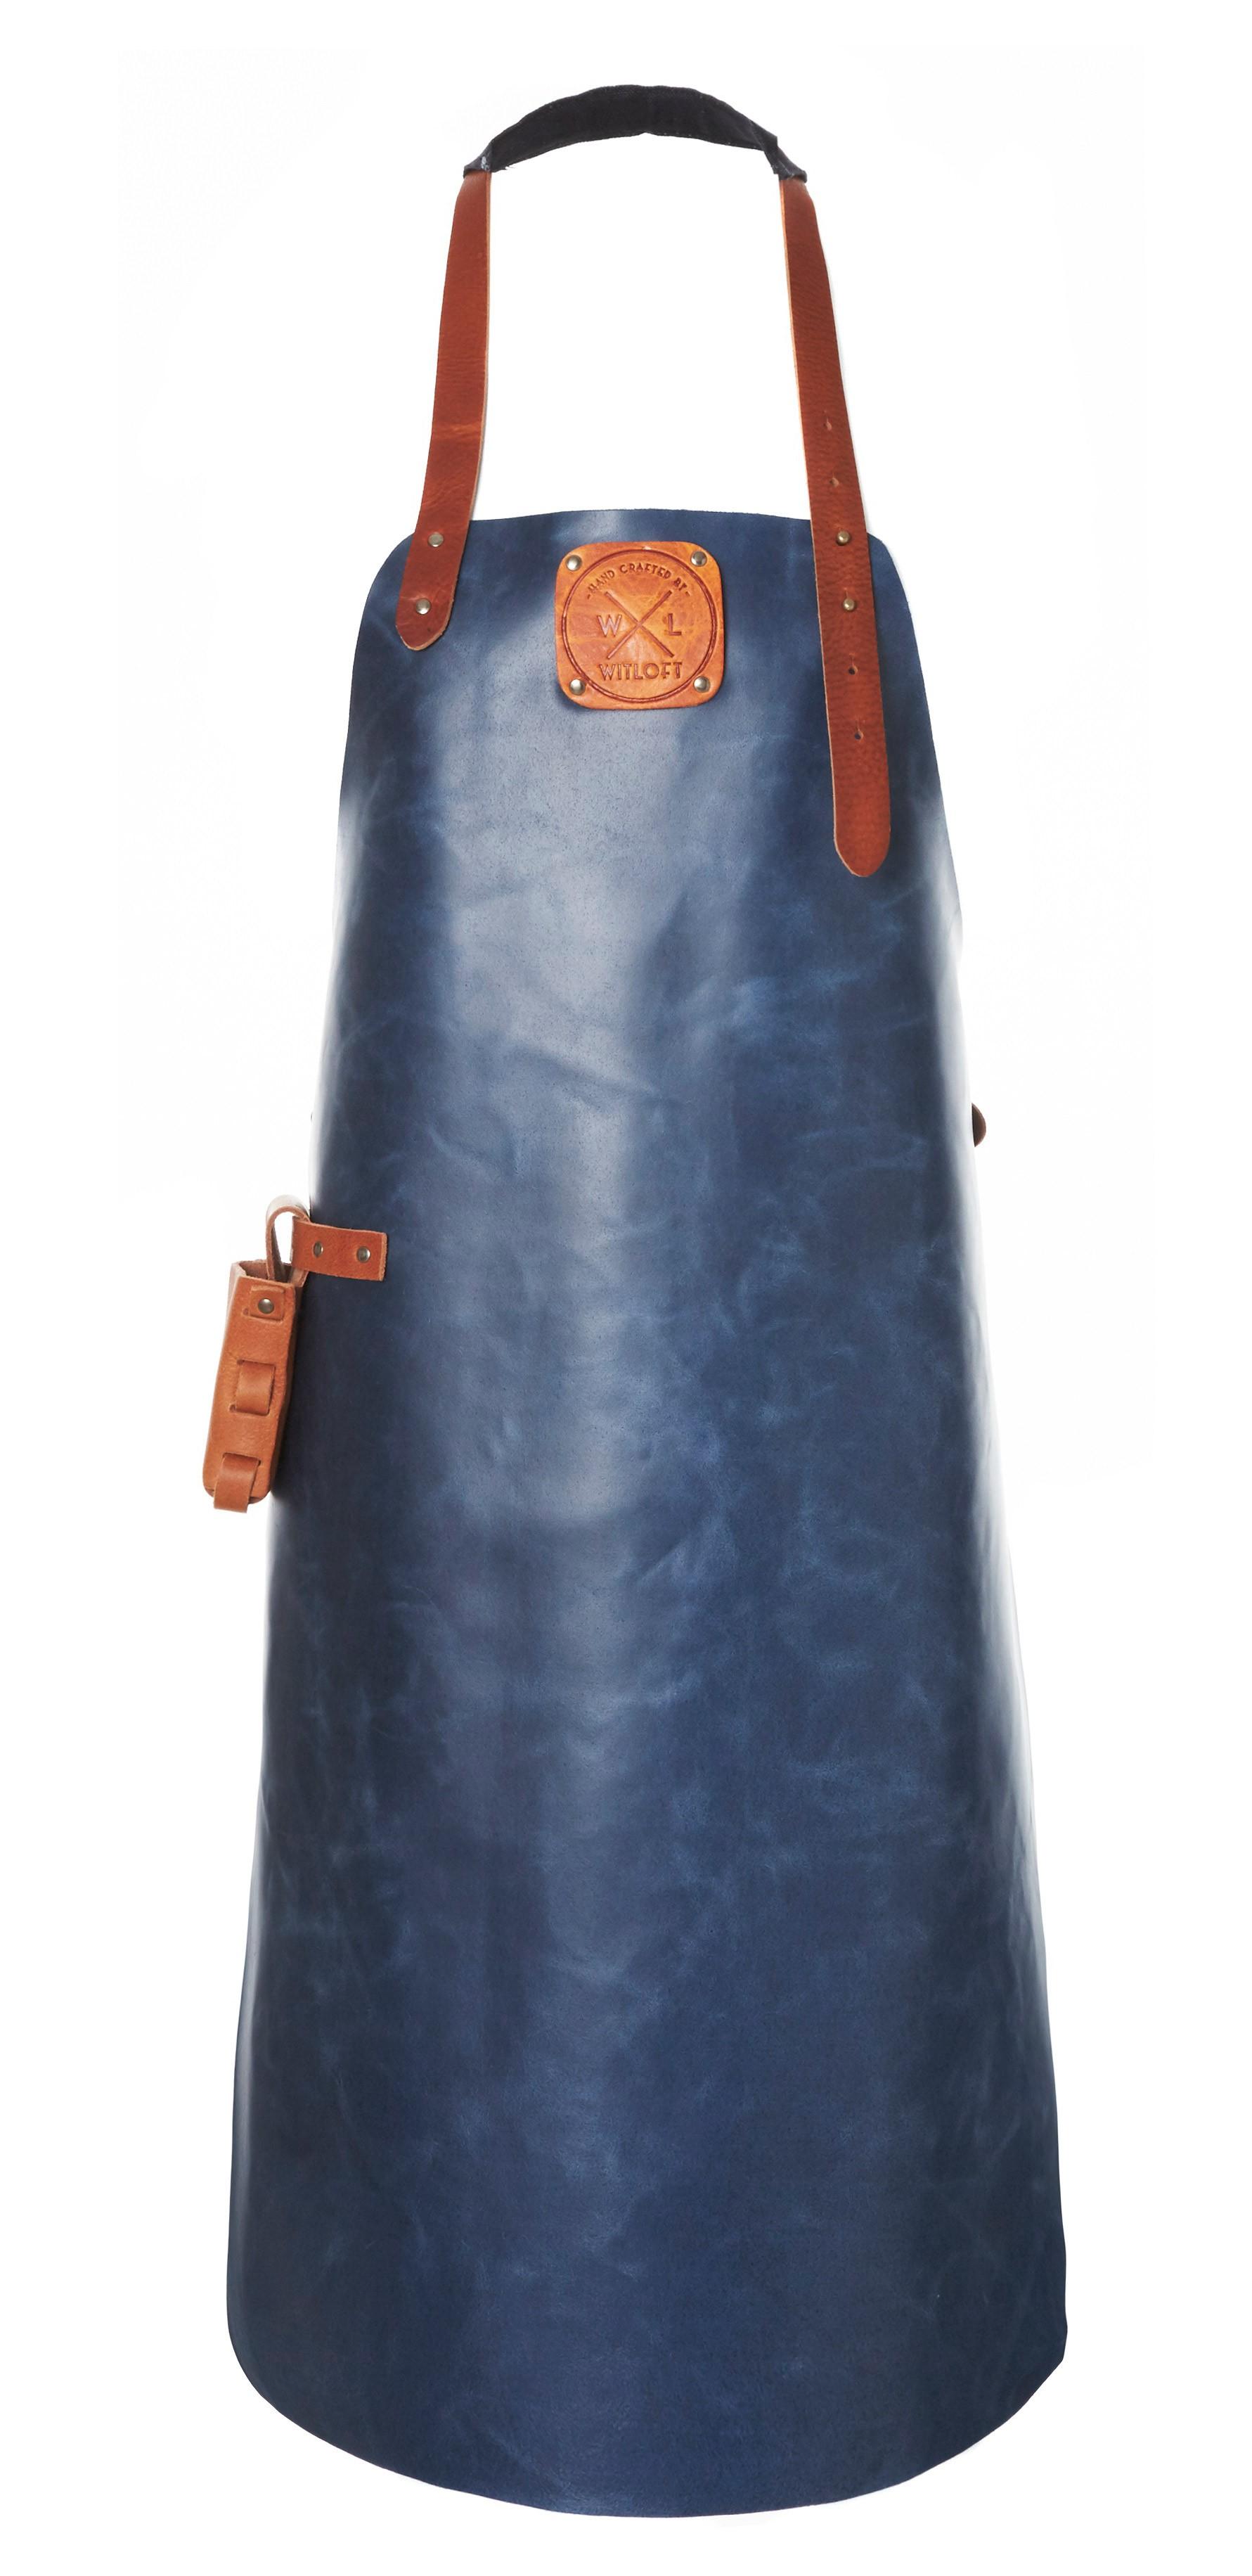 Witloft Grillschürze / Lederschürze Navy/Cognac Größe L Bild 1